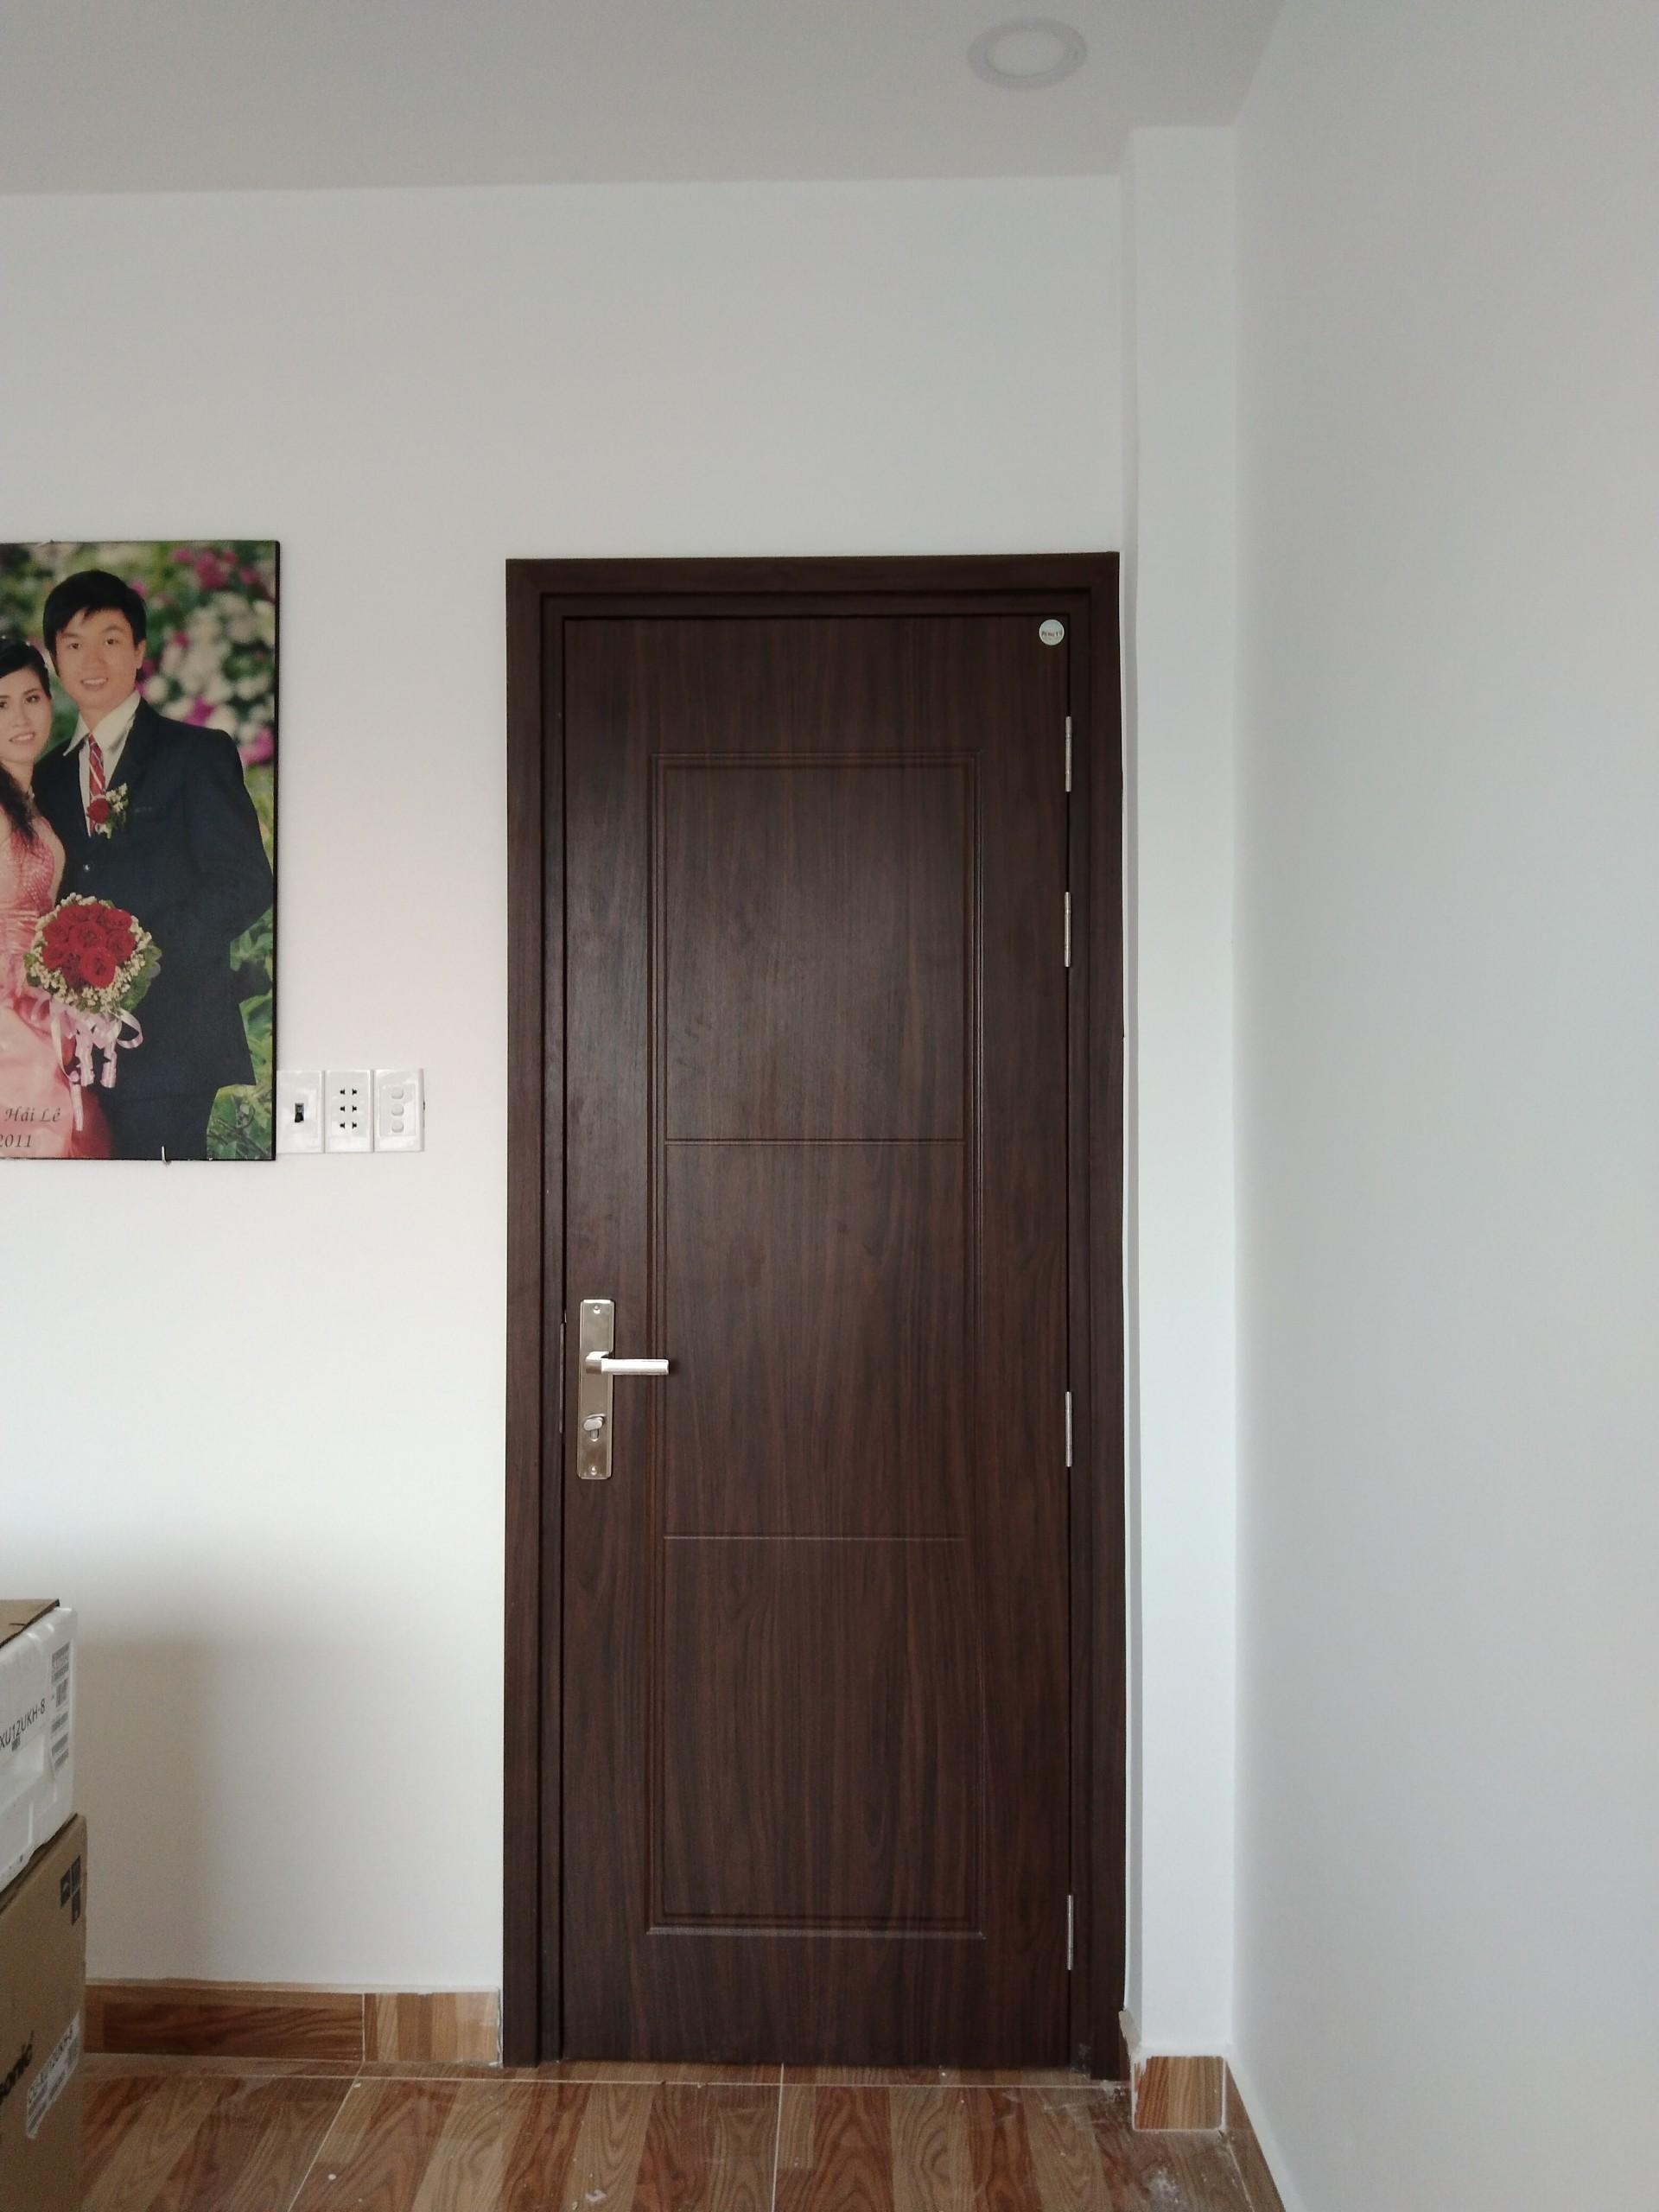 Mẫu cửa nhựa giả gỗ tại Đồng Nai